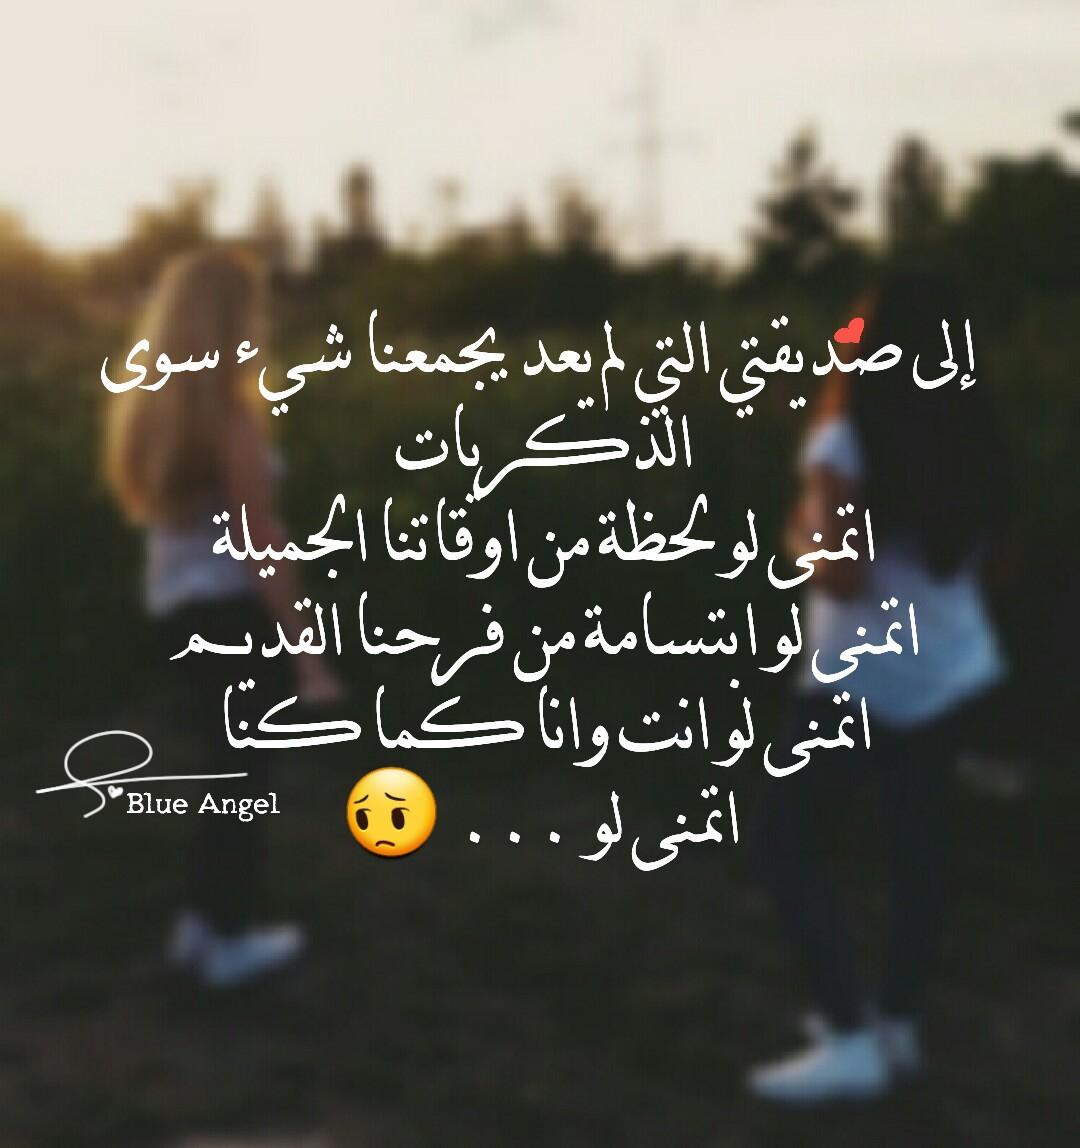 بالصور رسالة لصديقتي , رساله الي صديقتي الغاليه 2152 5